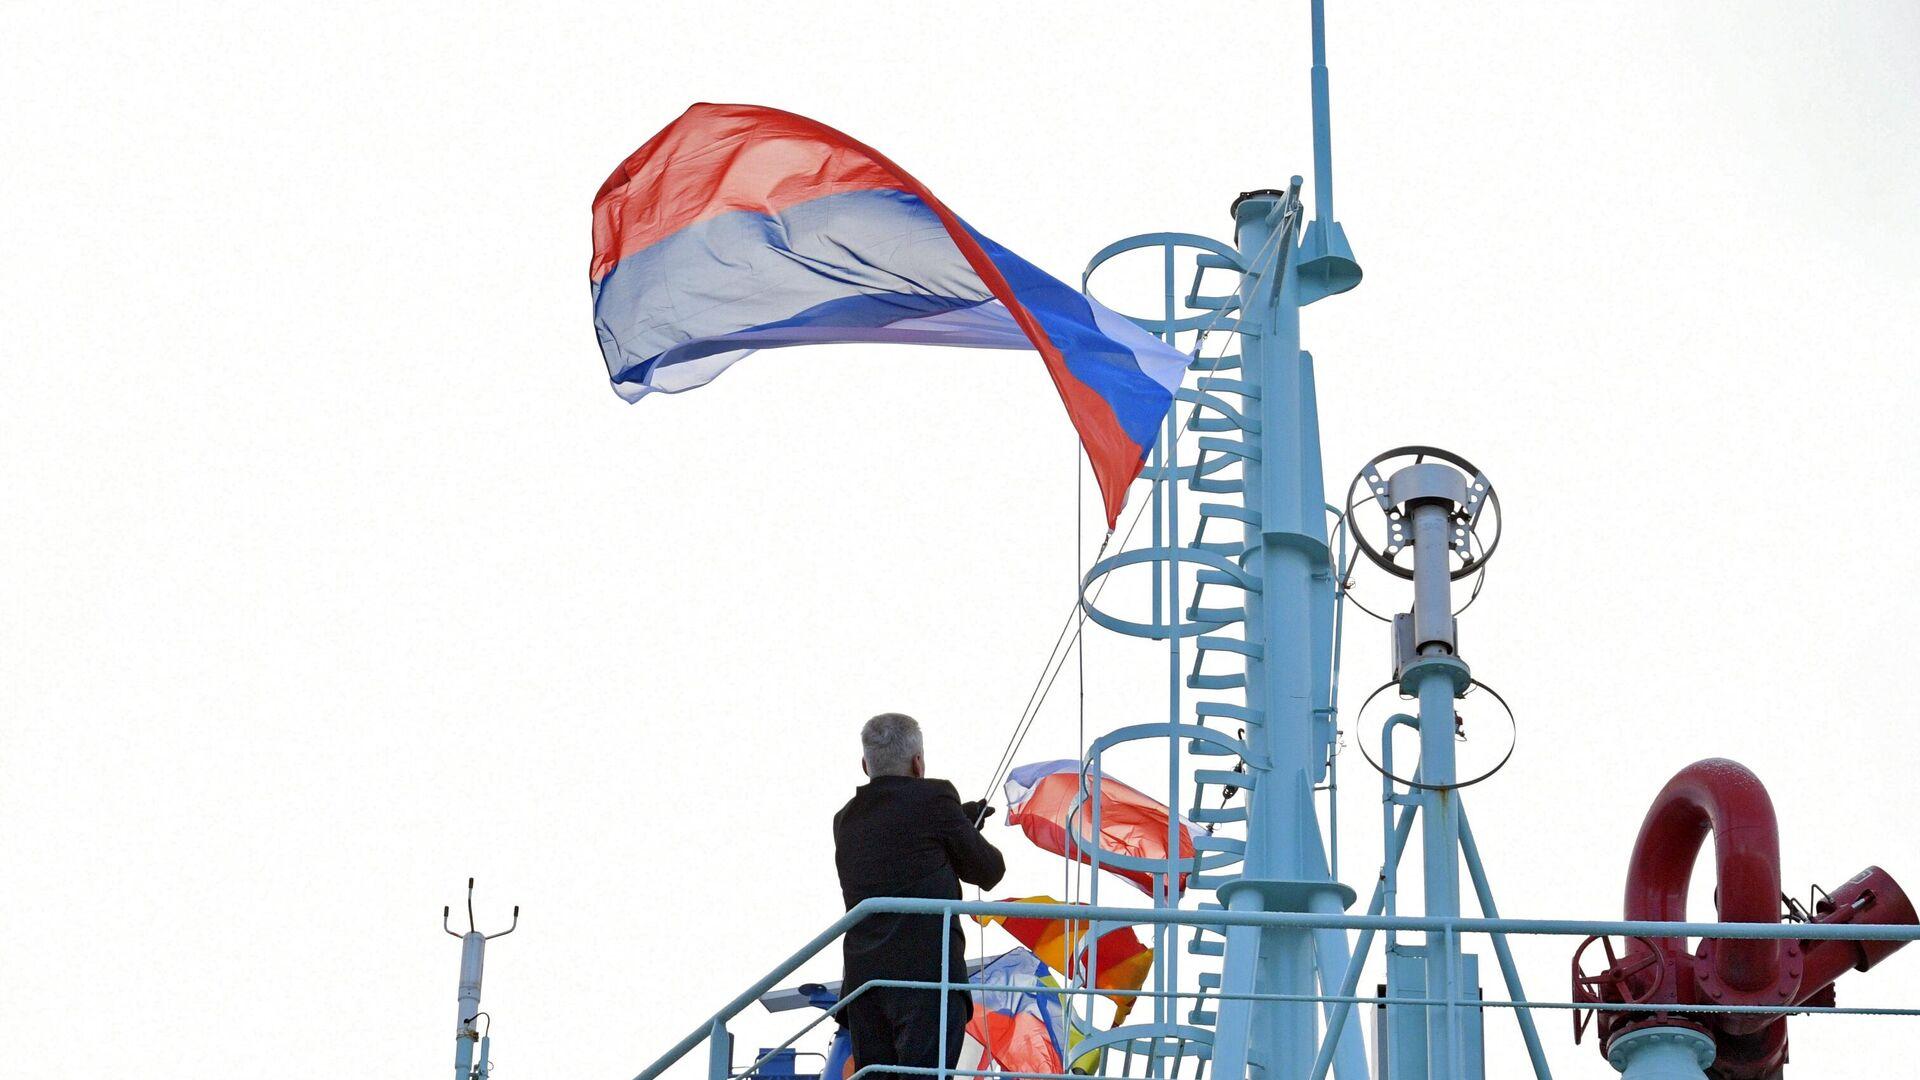 Подъем государственного флага РФ во время торжественной церемонии приёмки головного универсального атомного ледокола Арктика - РИА Новости, 1920, 05.07.2021